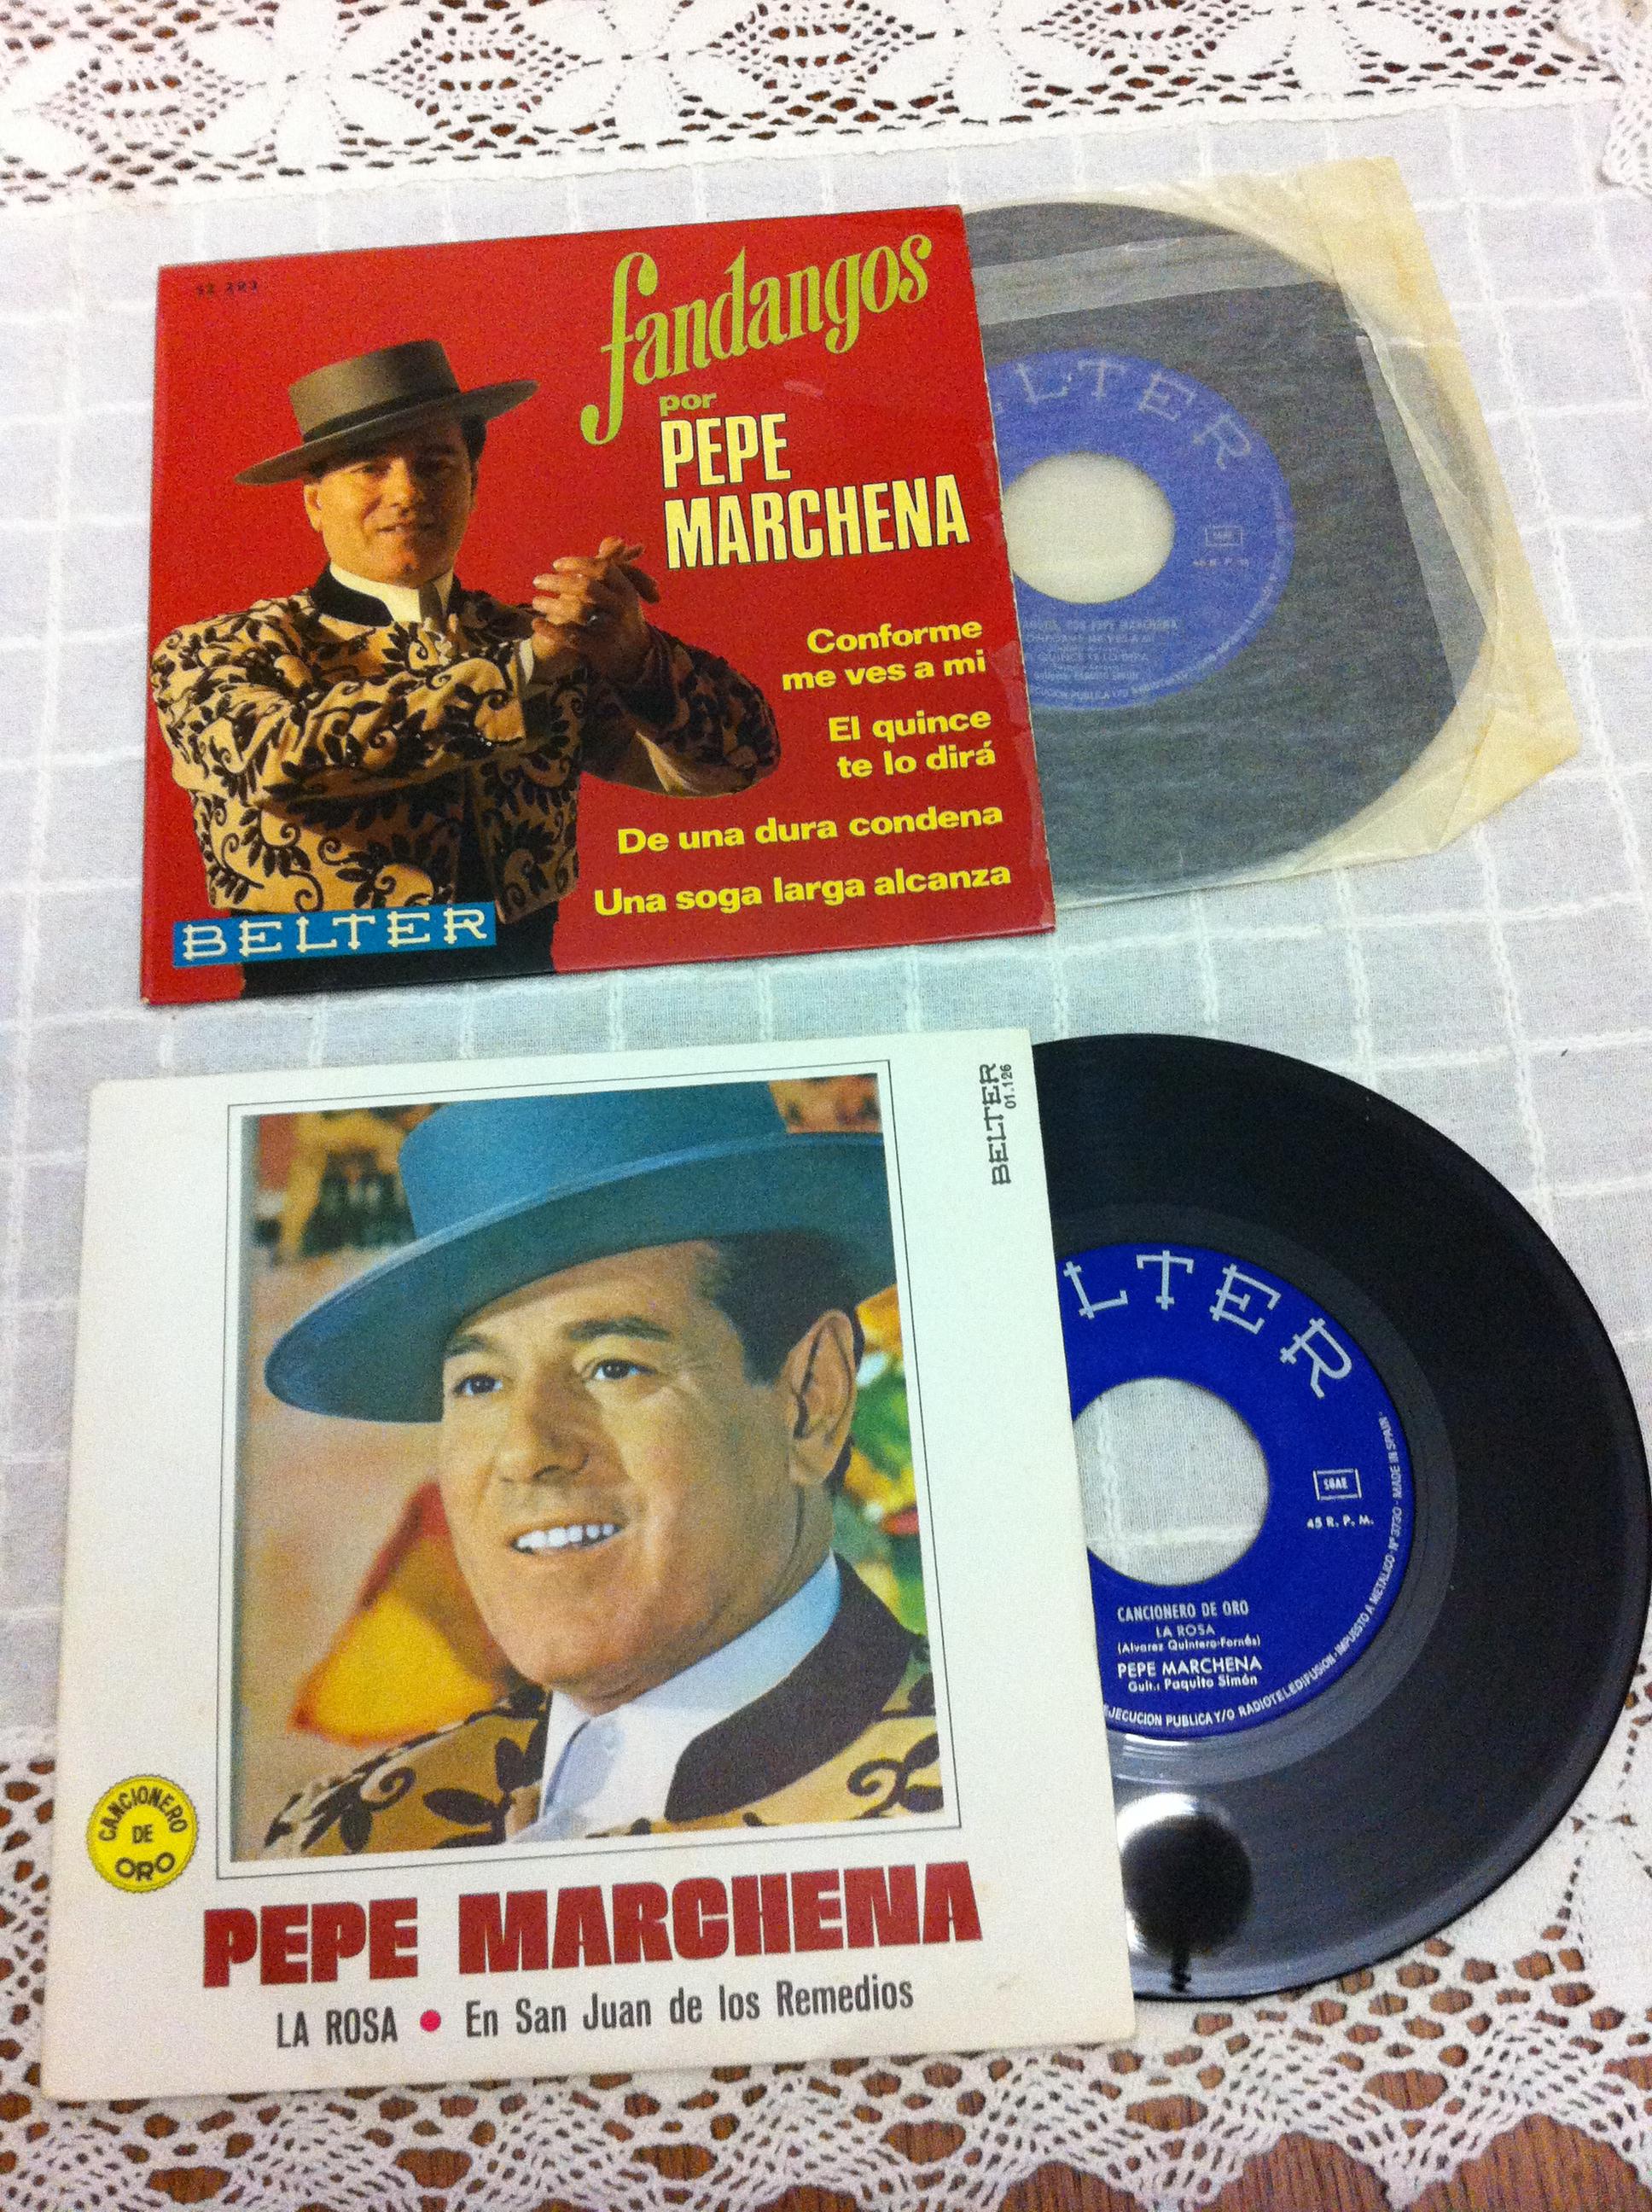 Flamenco cassette et disque vinyle   - Page 4 14022310093214950712010102